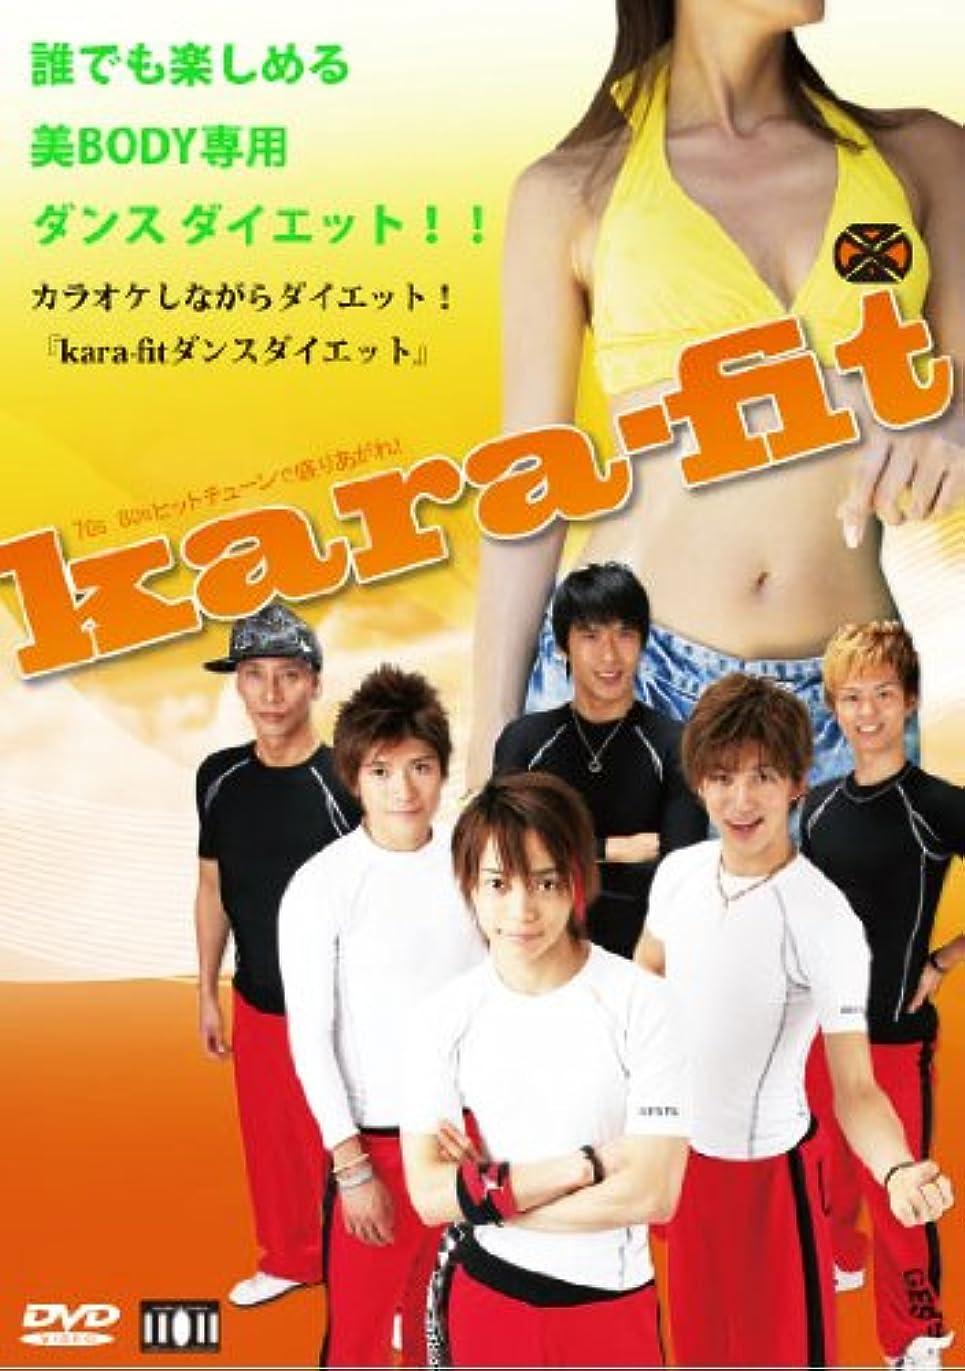 動香水ひばりカラオケによるフィットネス!kara-fit(カラフィット)ダンスダイエット3枚組コンプリートセットDVD